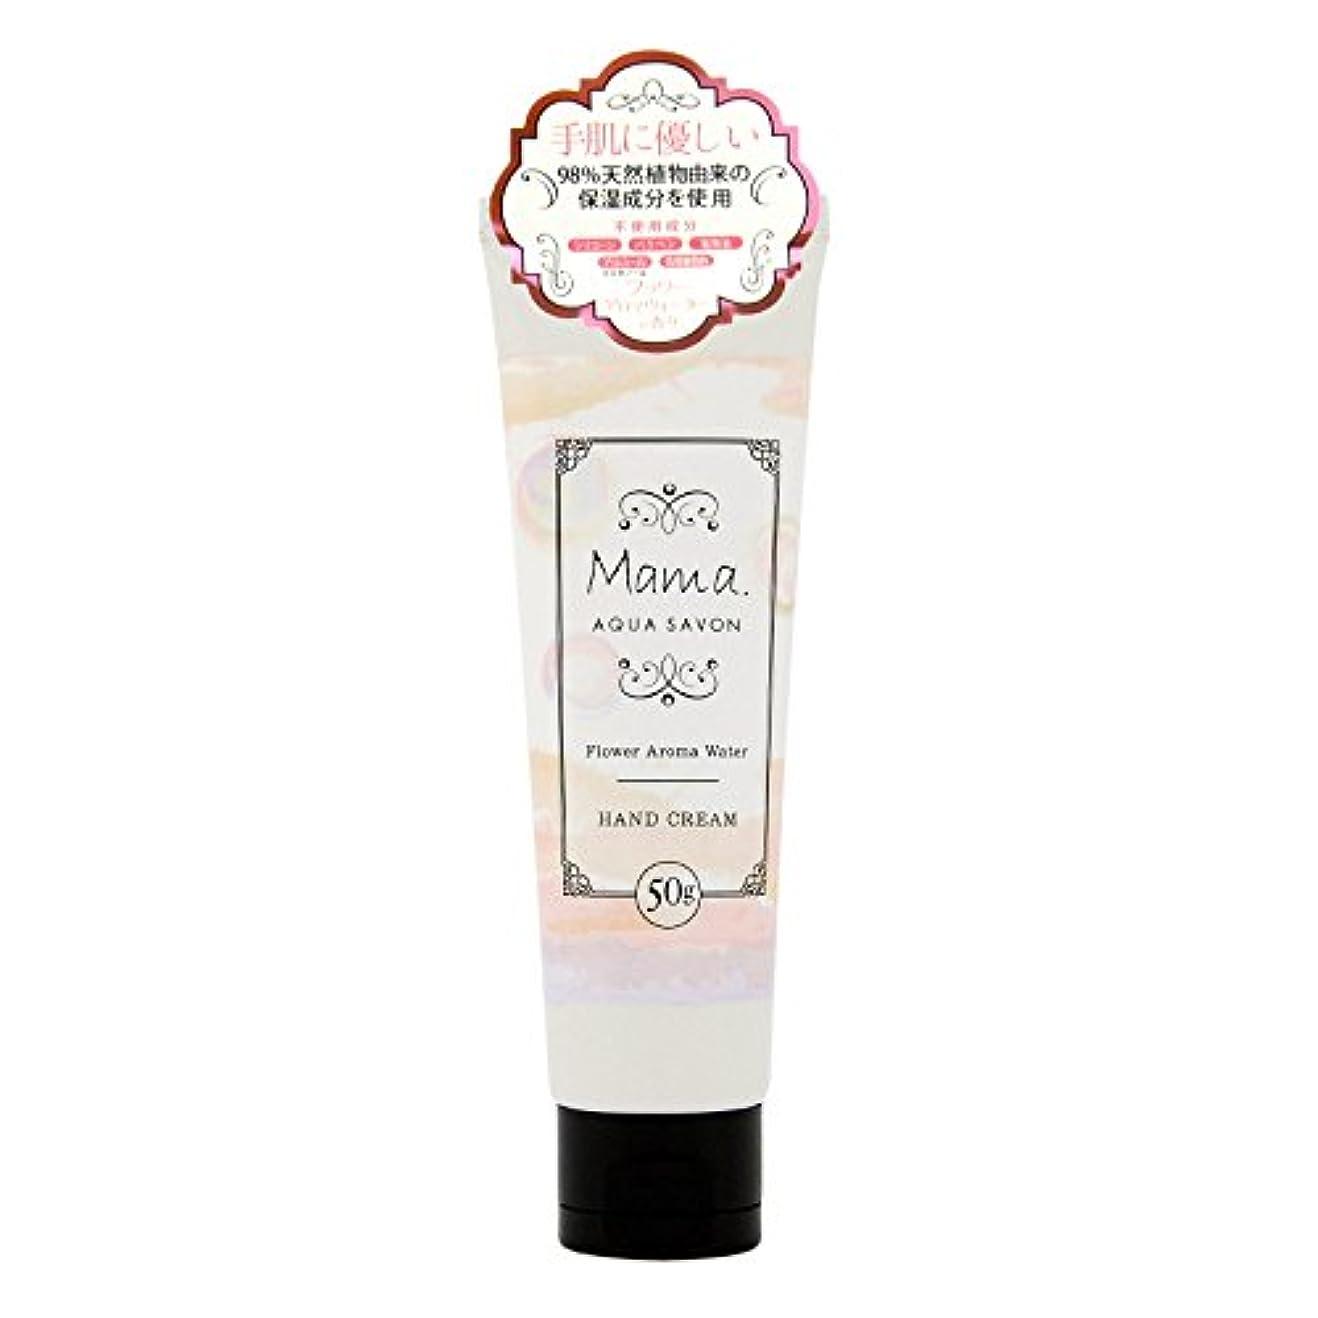 命令的禁止食用ママ アクアシャボン ハンドクリーム フラワーアロマウォーターの香り 50g